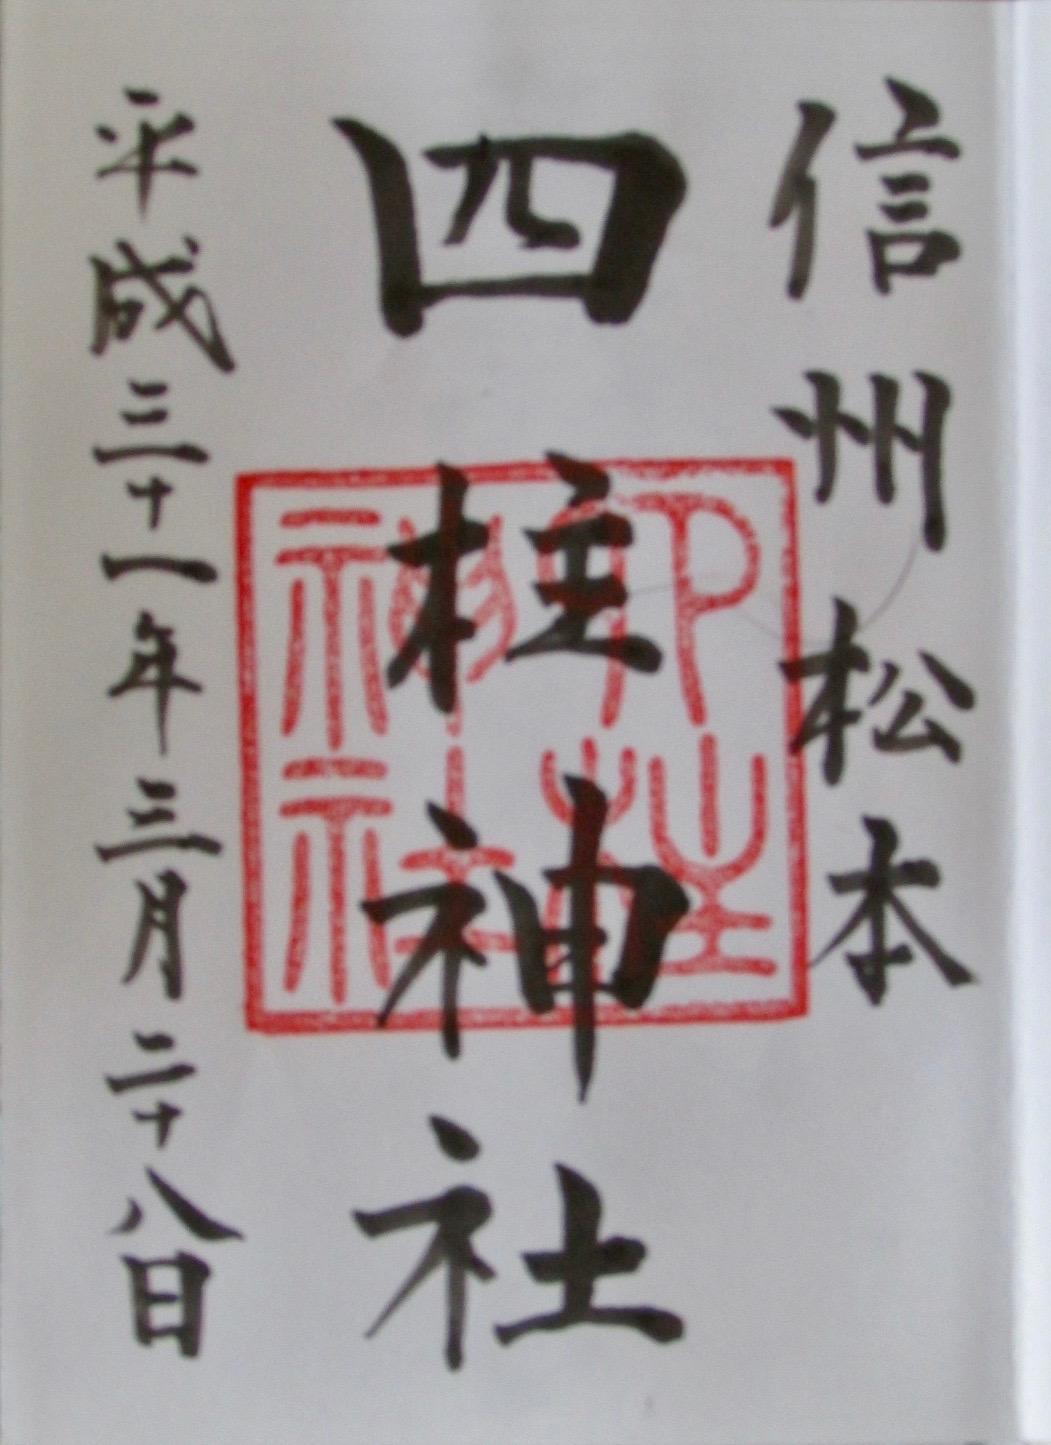 f:id:hiro-jp:20190401095812j:plain